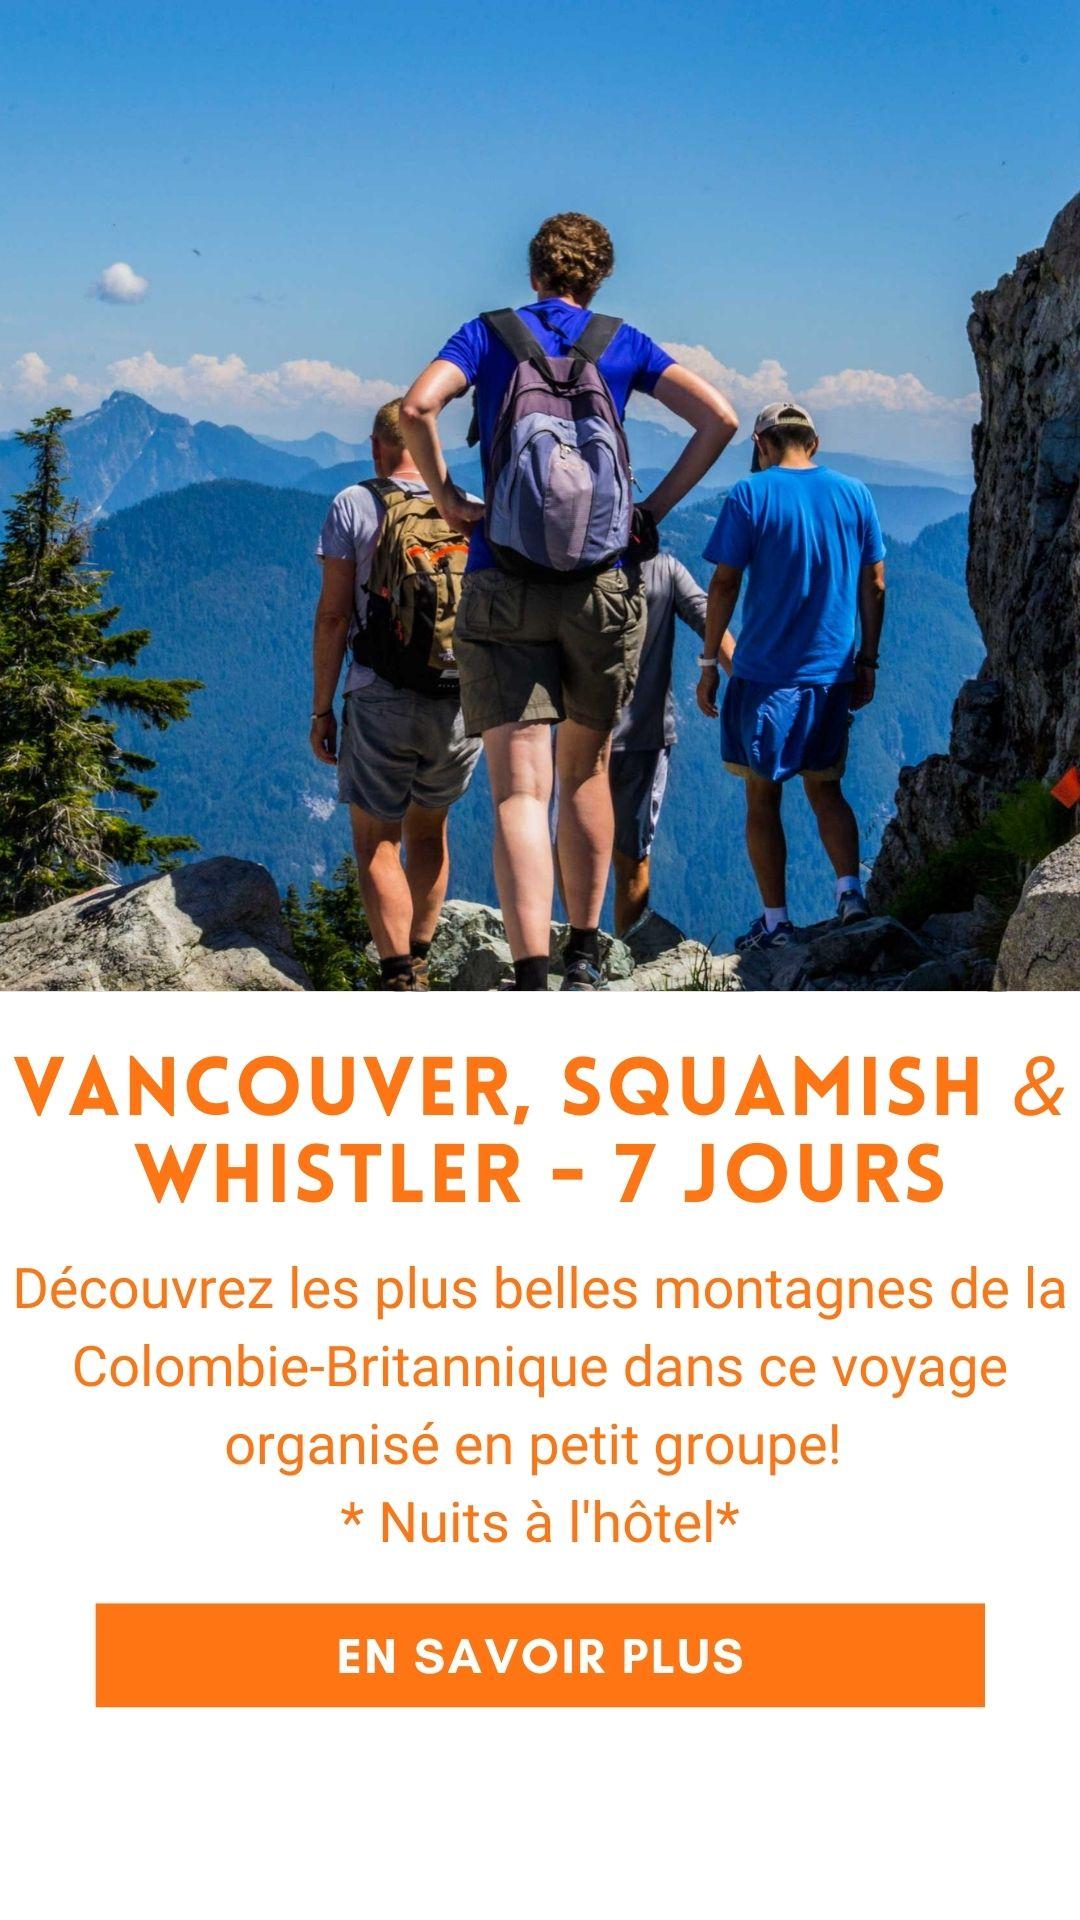 voyage organisé ouest canadien